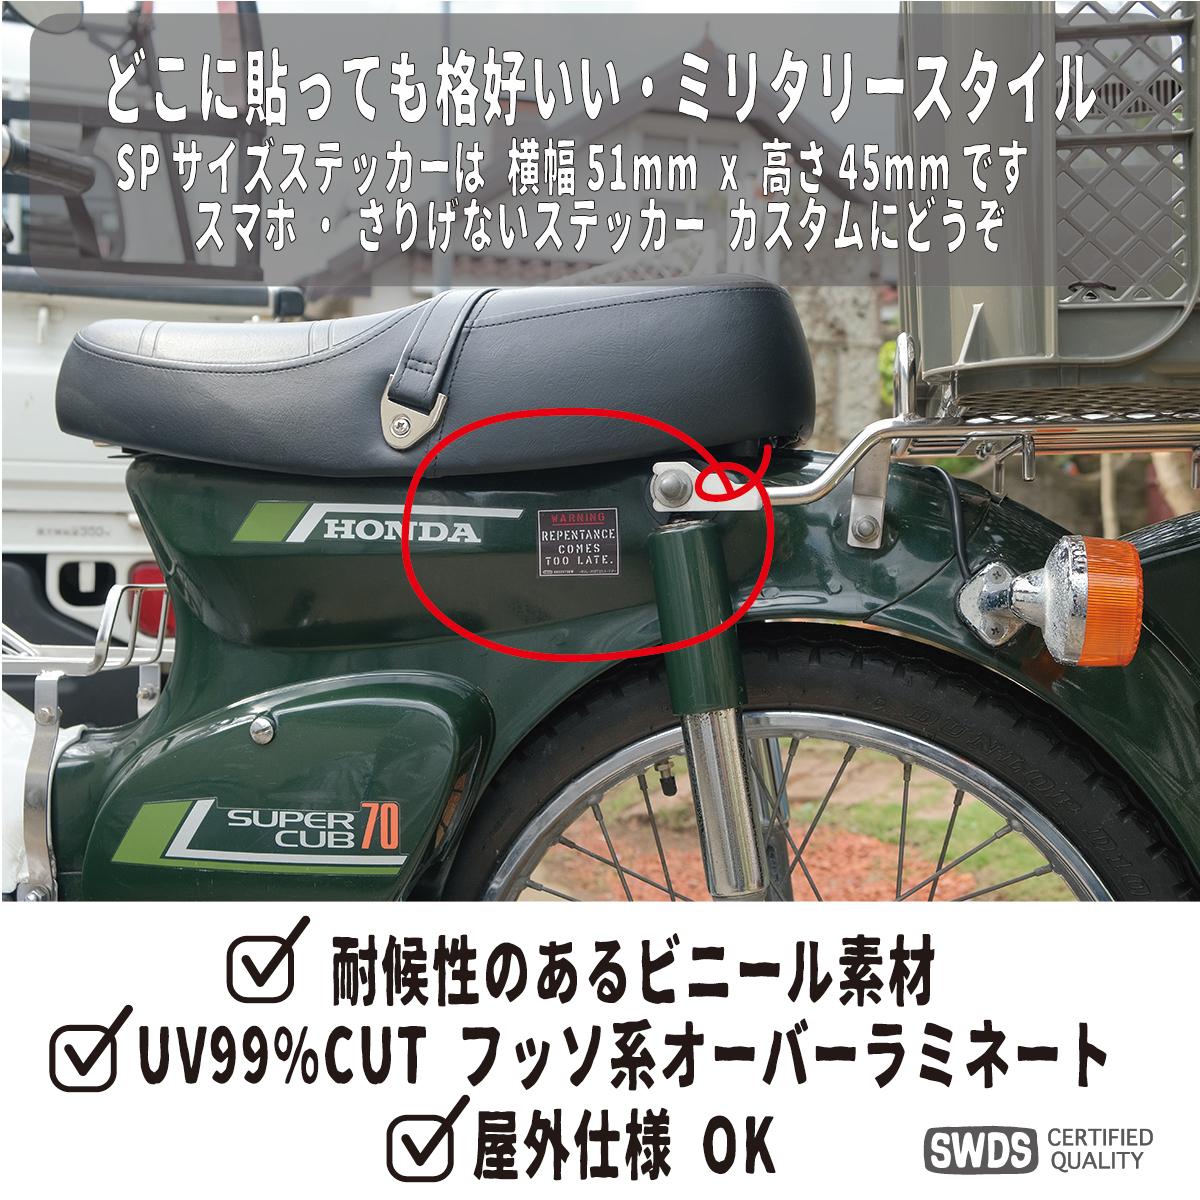 MIL-MOTA-015l